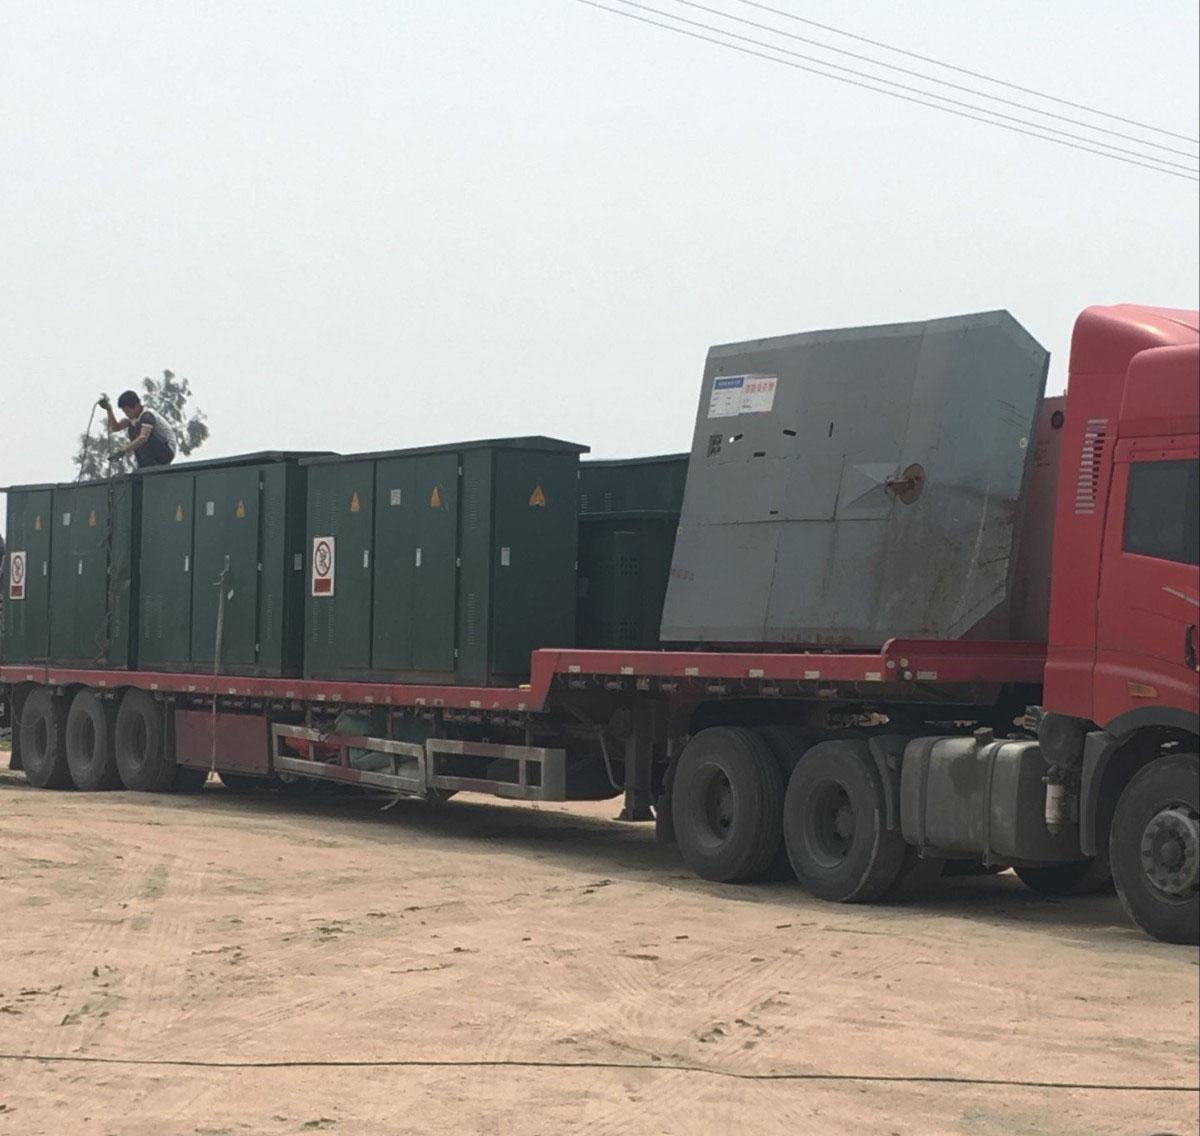 惠州惠阳惠州惠阳大理4米2高栏车6米8厢式货车长途大货车出租